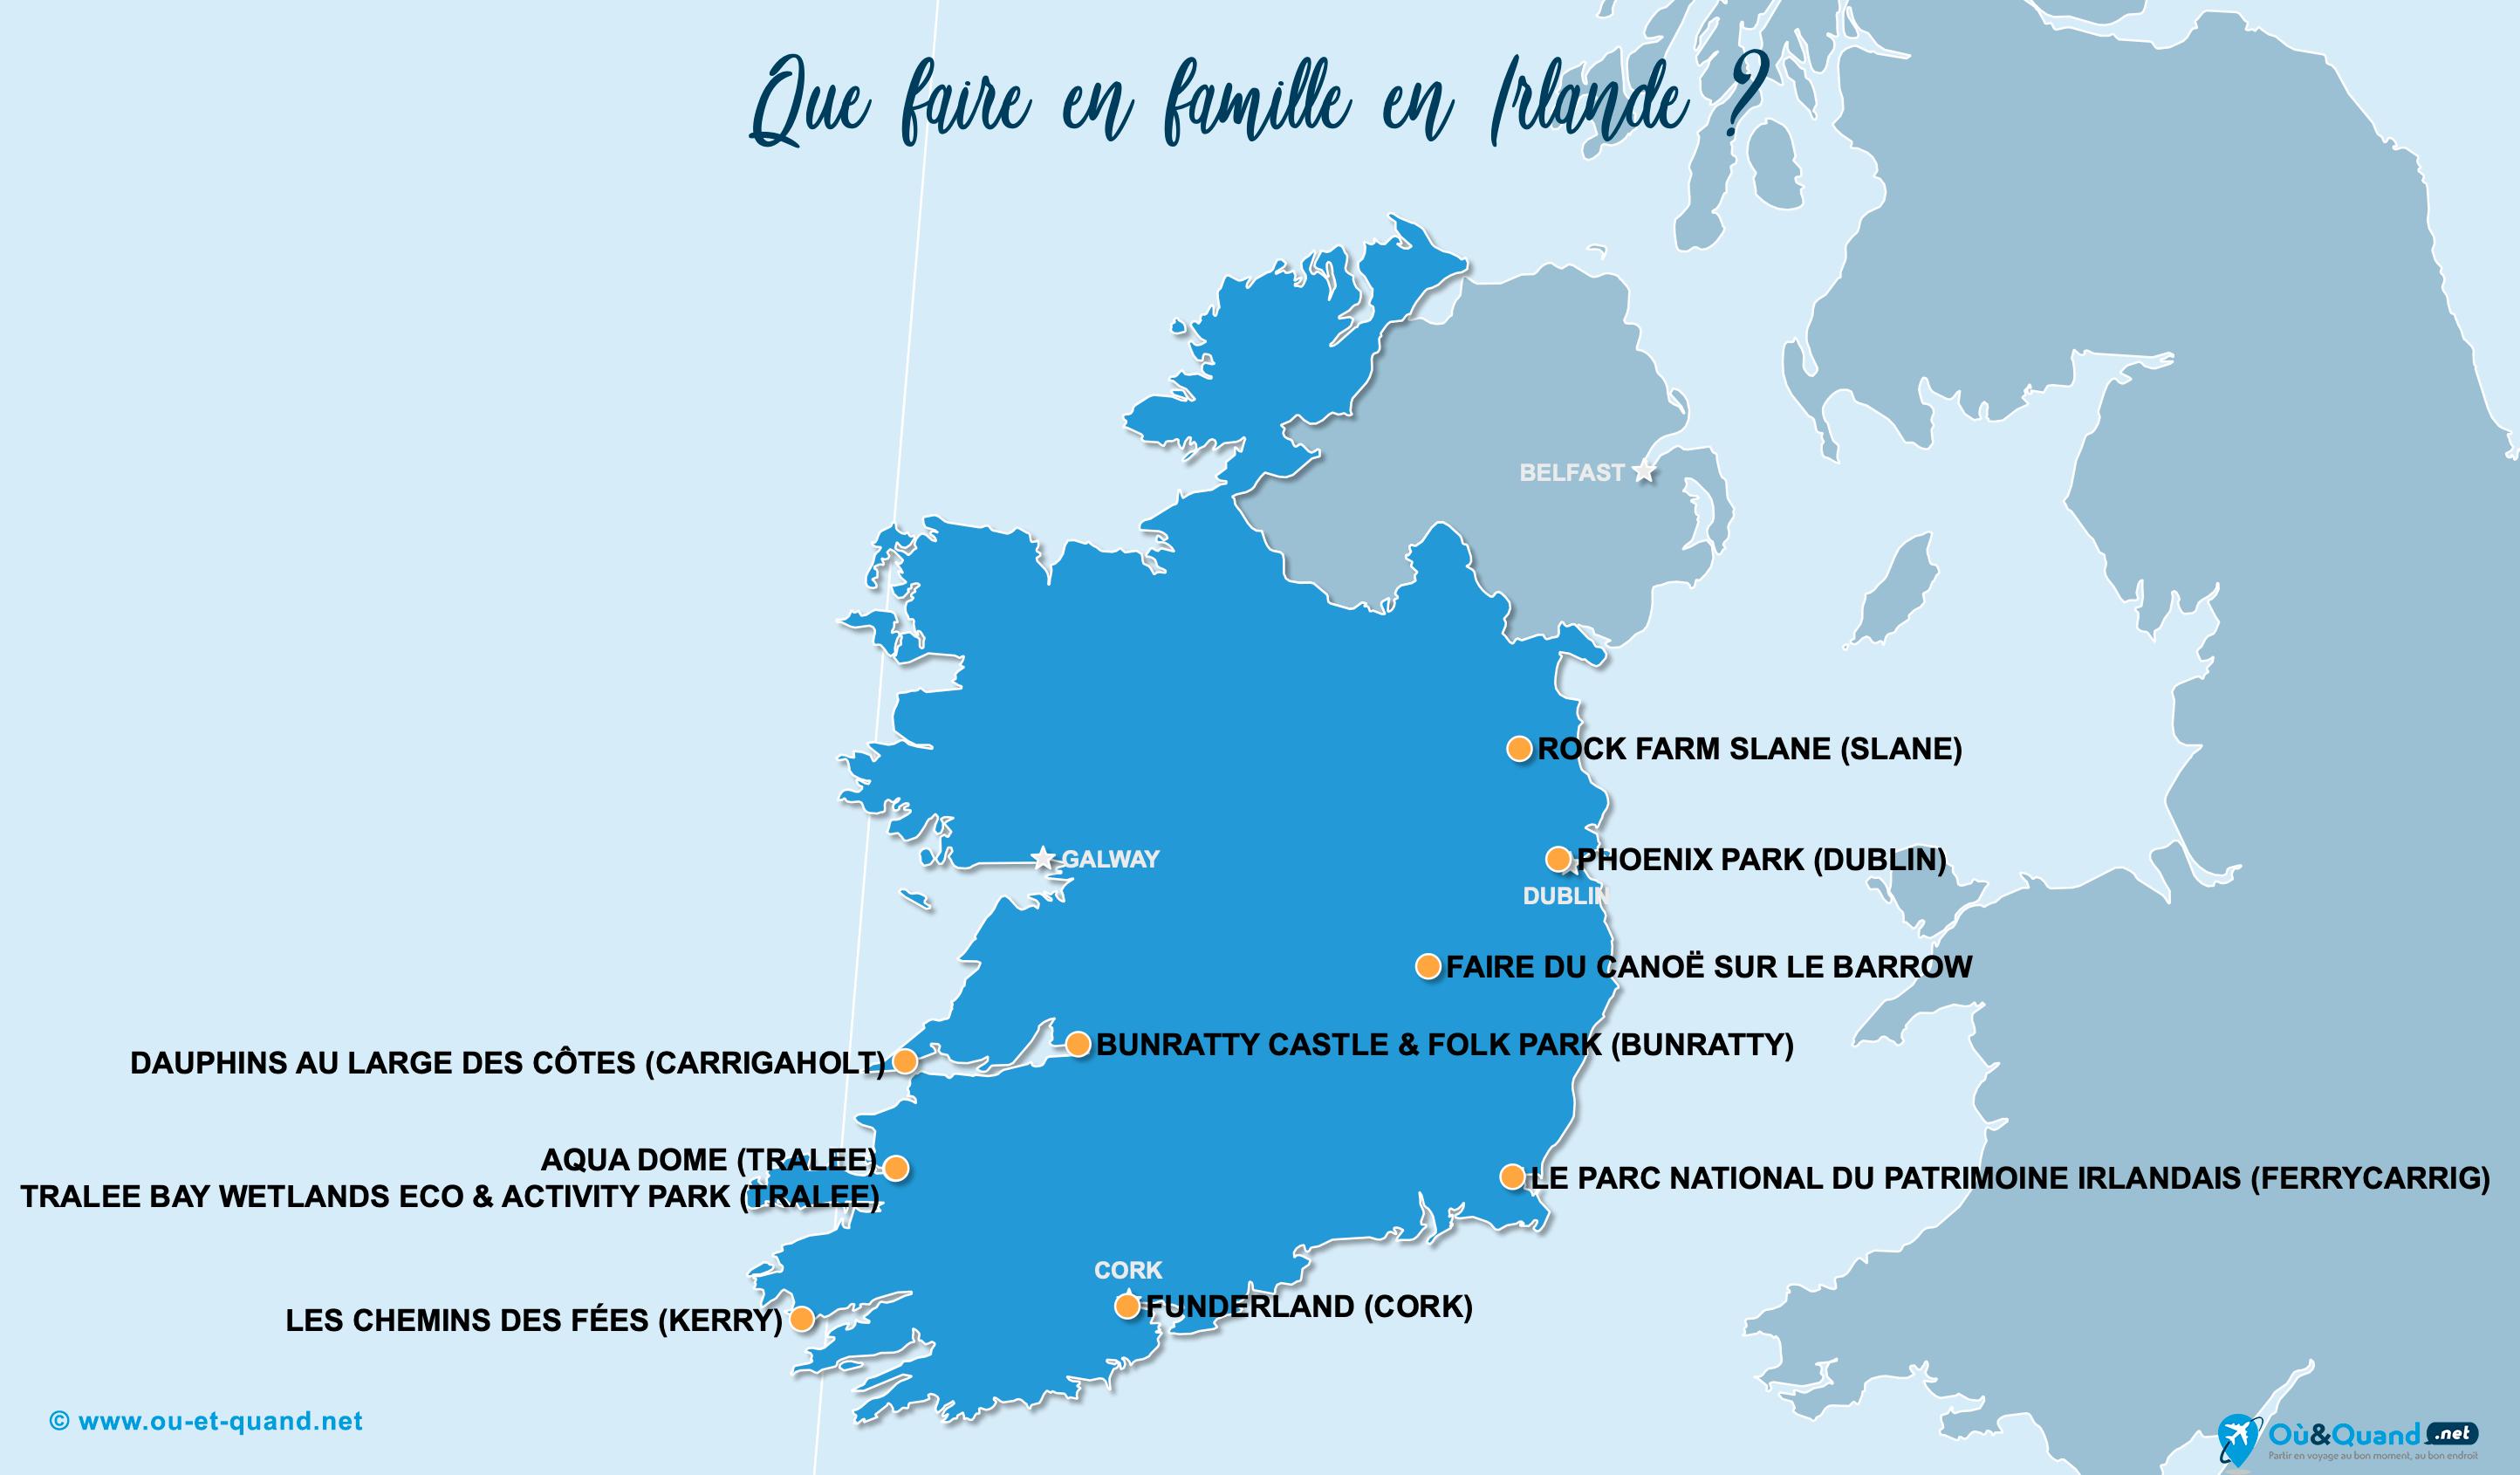 Carte Irlande (Éire) : L'Irlande en famille